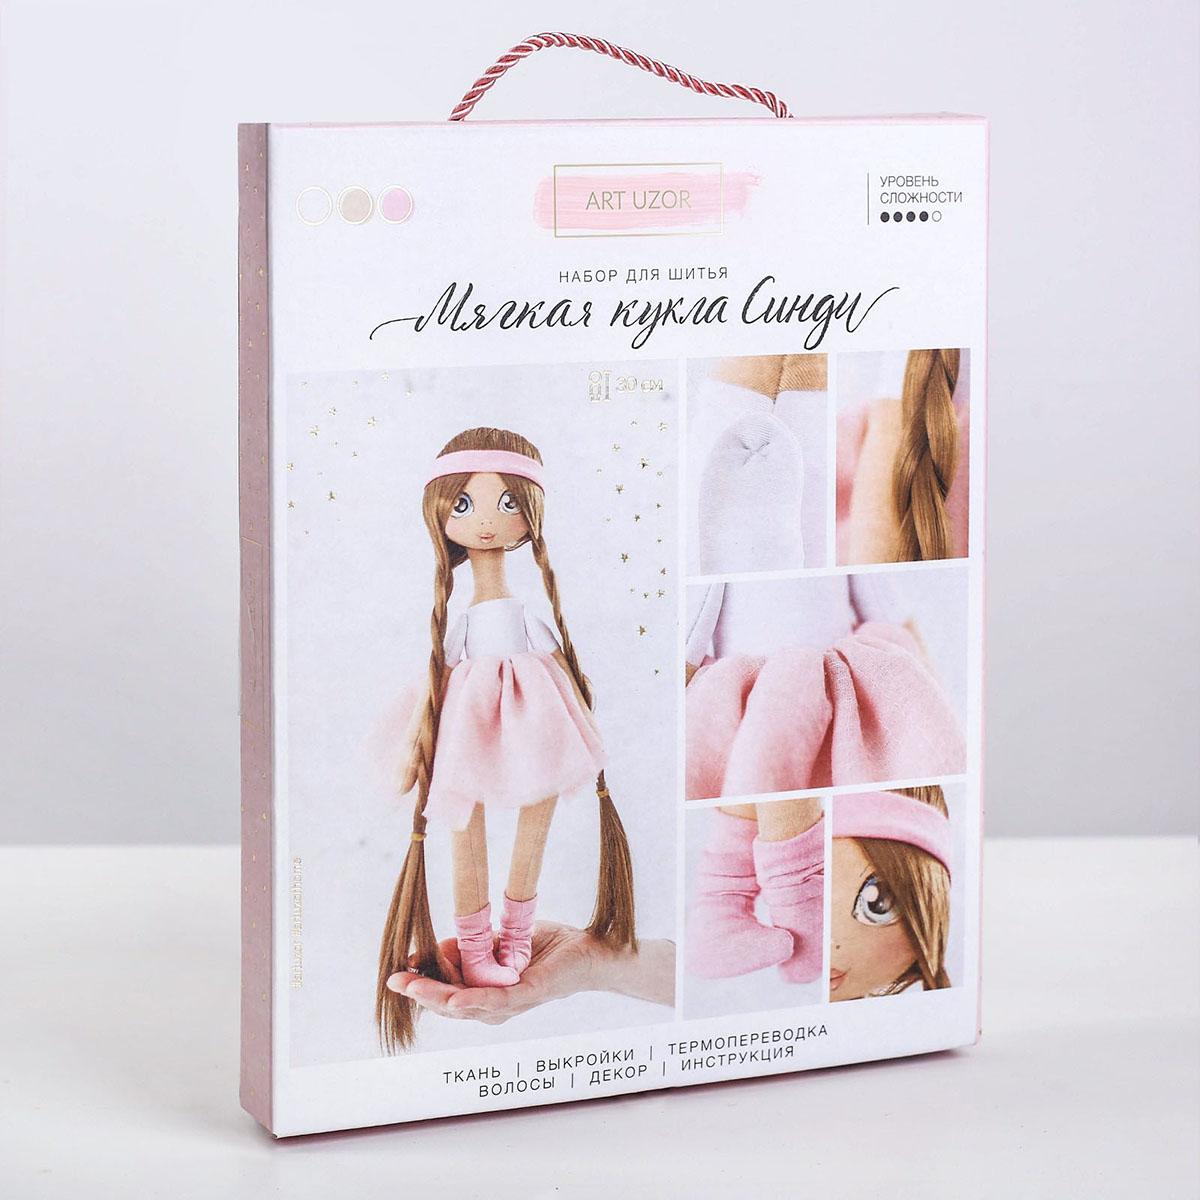 3548675 Интерьерная кукла 'Синди', набор для шитья, 18* 22.5* 2.5 см